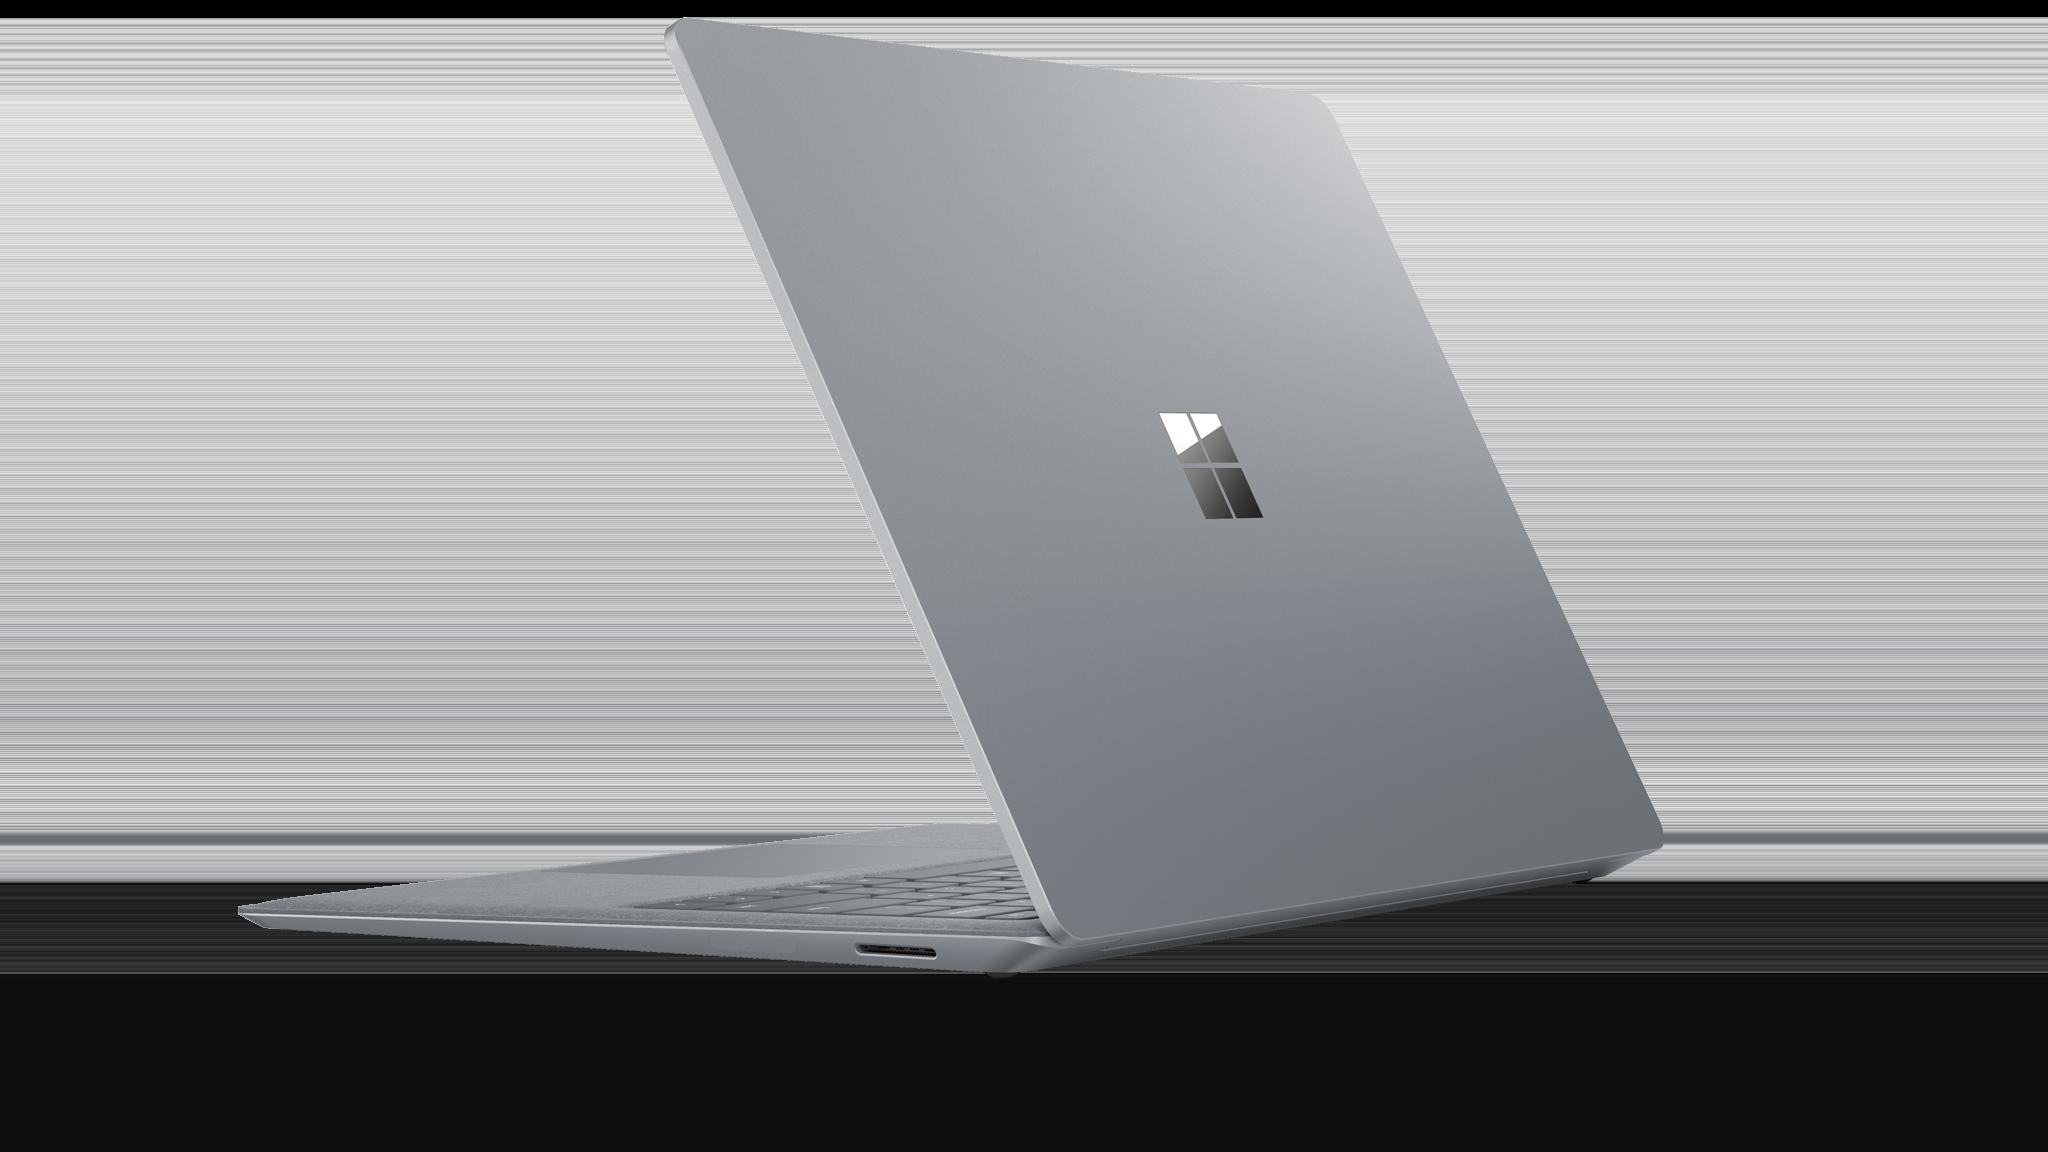 มุมมองด้านข้างของ Surface Laptop 2